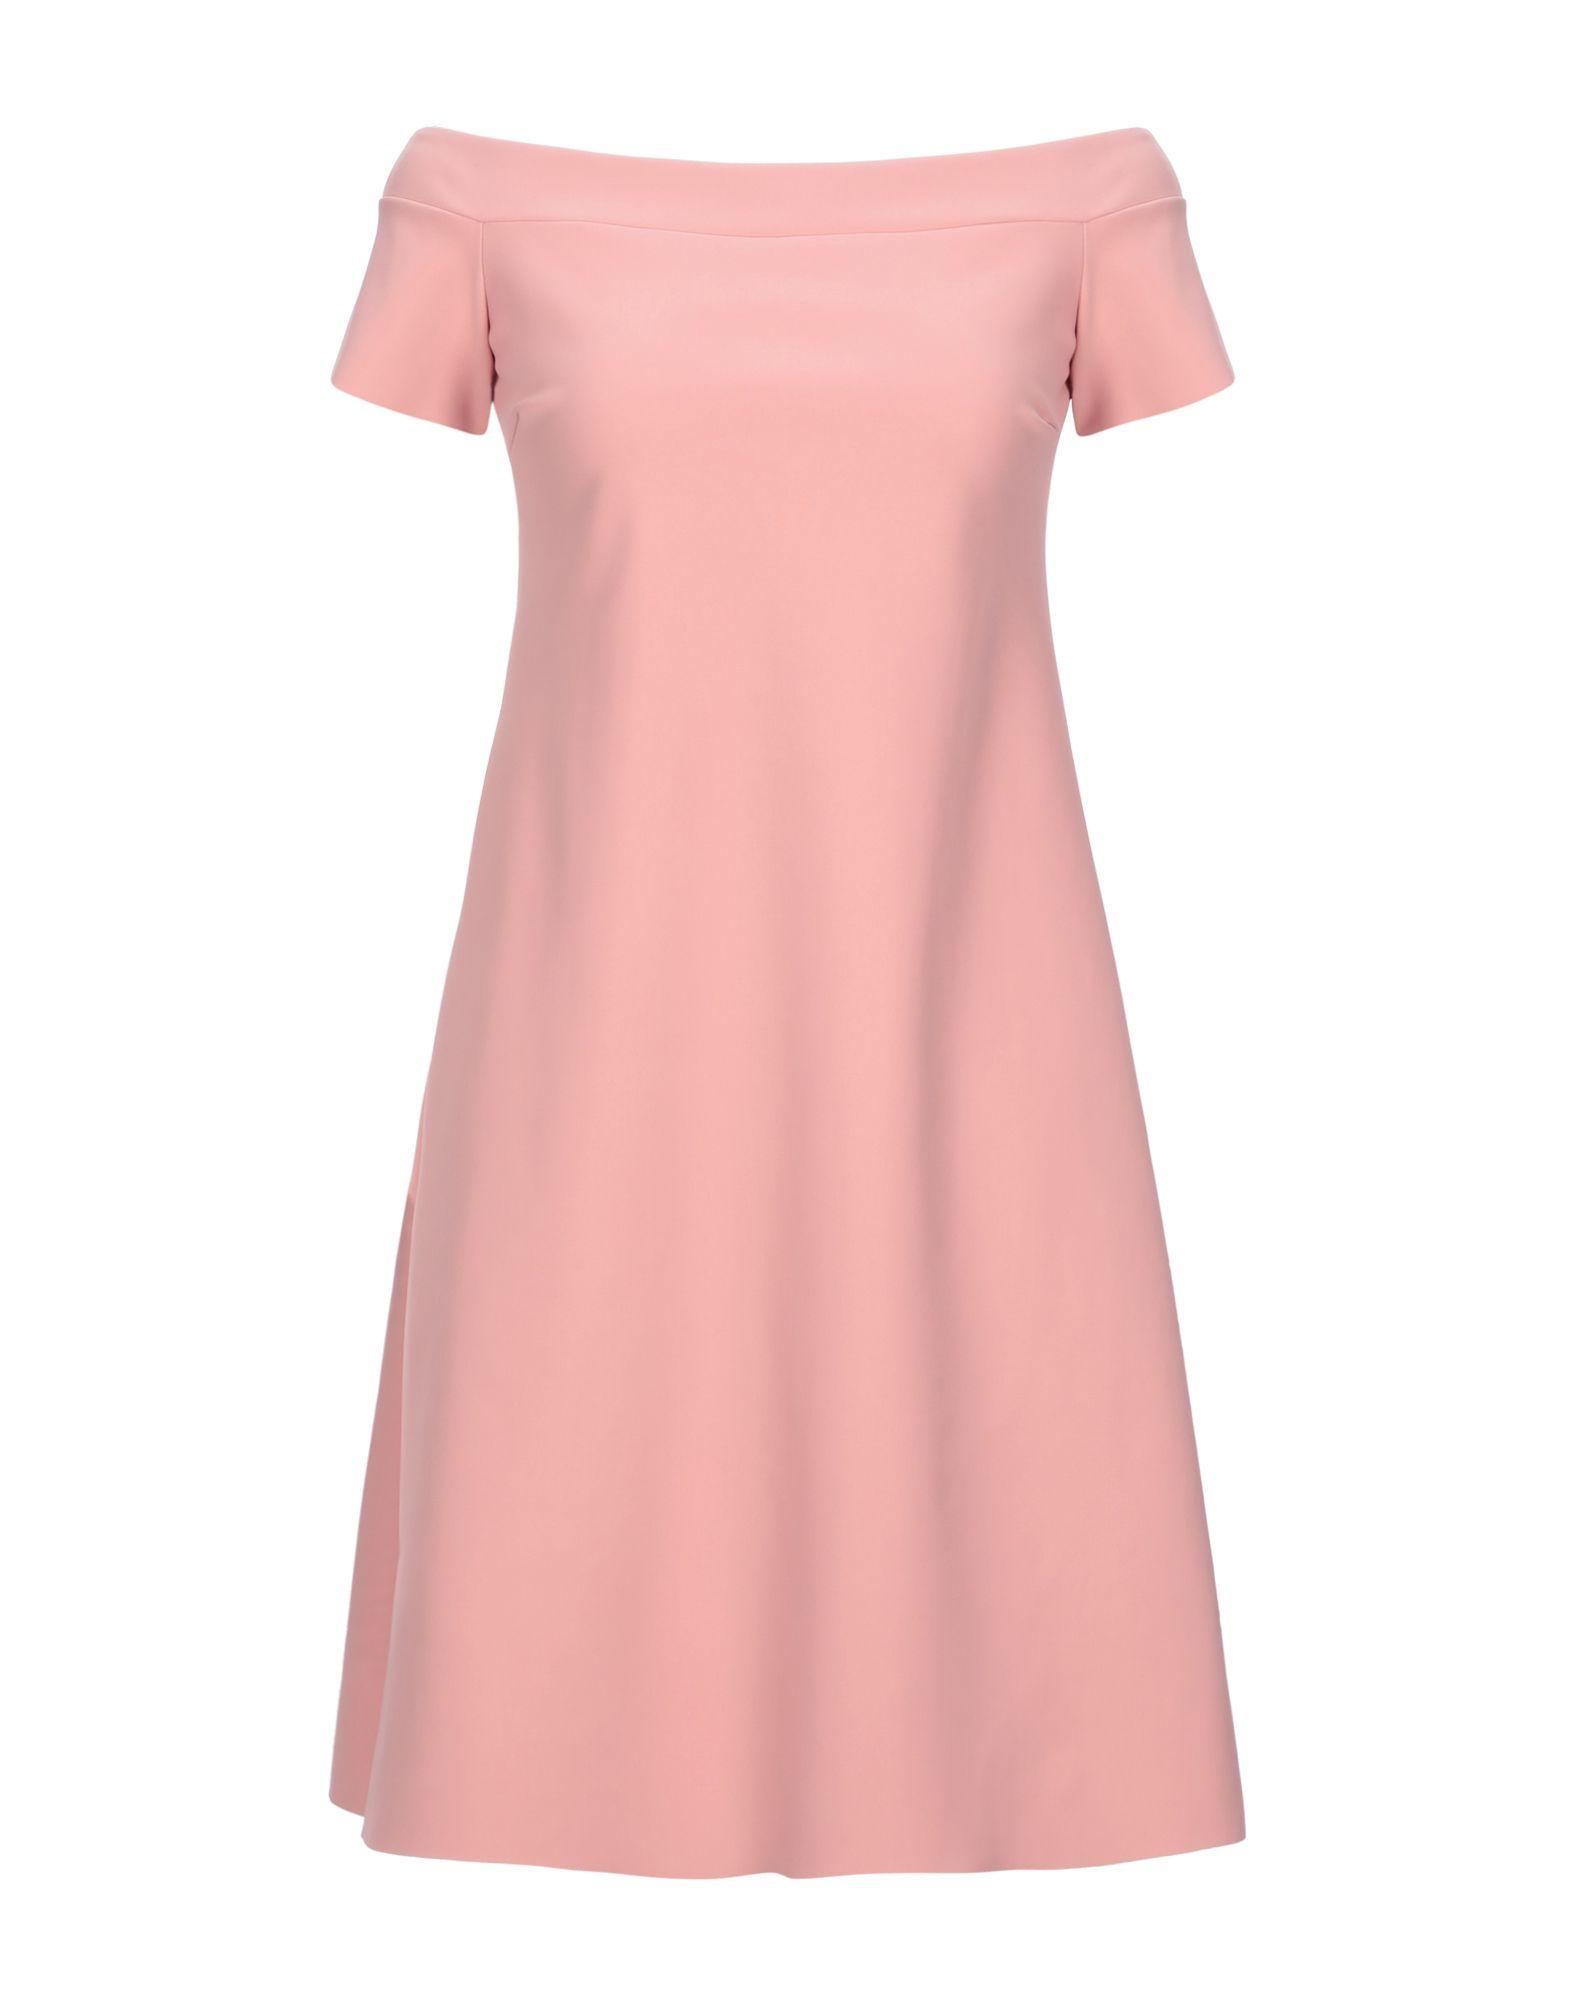 CHIARA BONI LA PETITE ROBE Короткое платье la marca короткое платье